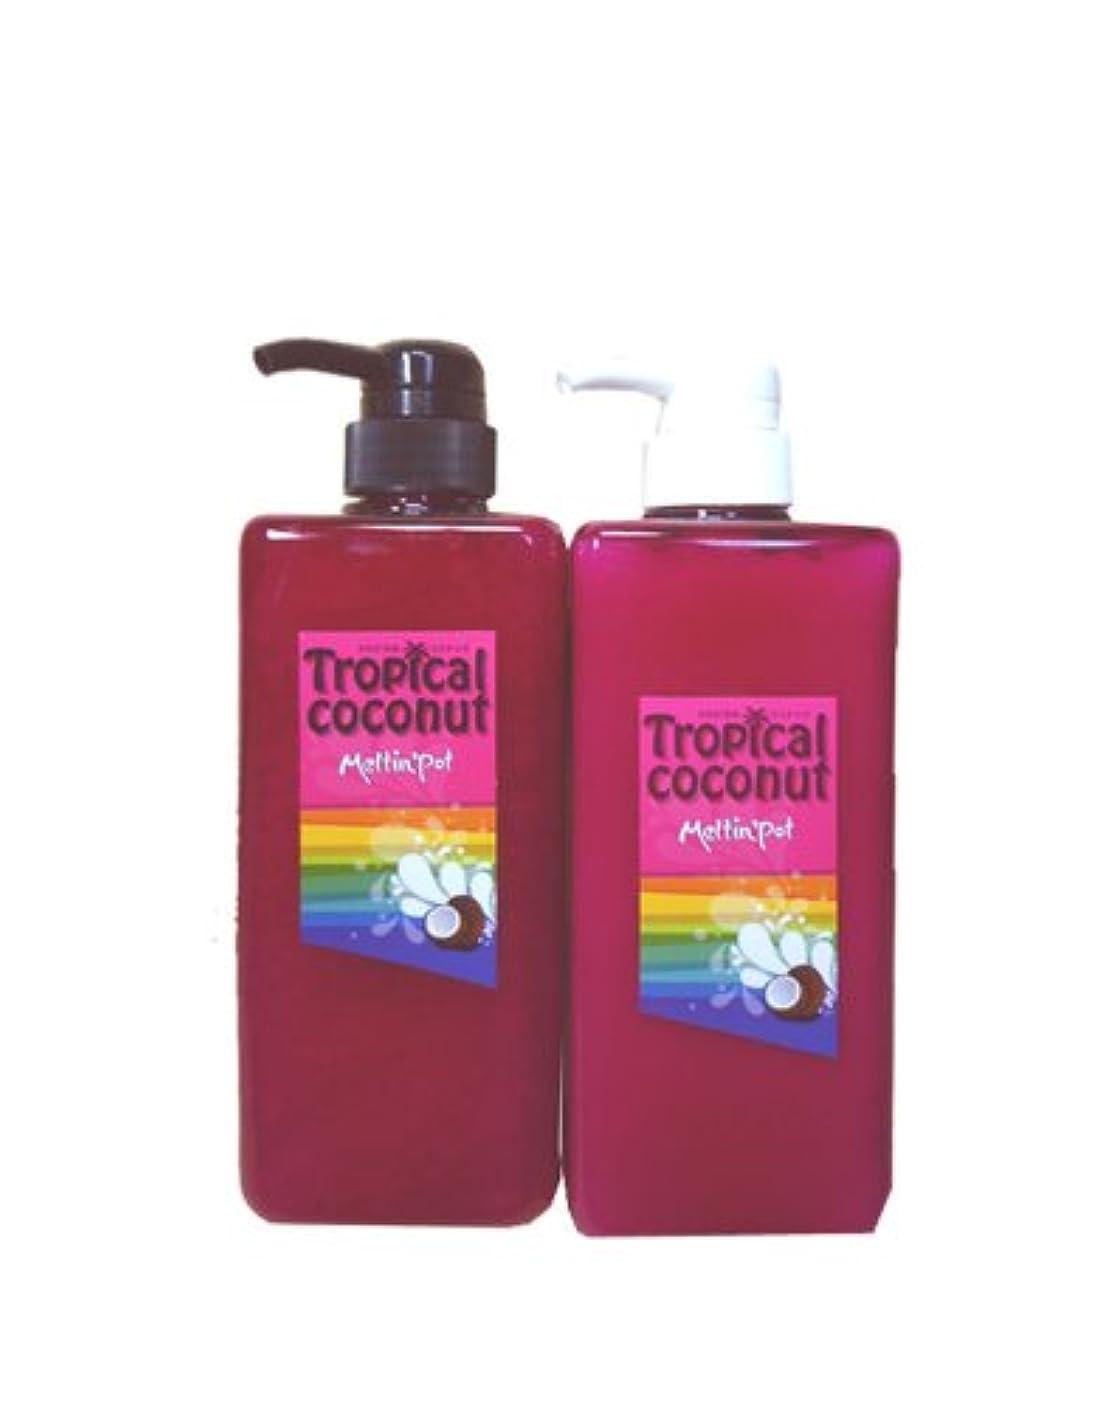 賄賂ハンドブック調整トロピカルココナッツ シャンプー&トリートメント 600ml*2  Tropical coconut shampoo&treatment